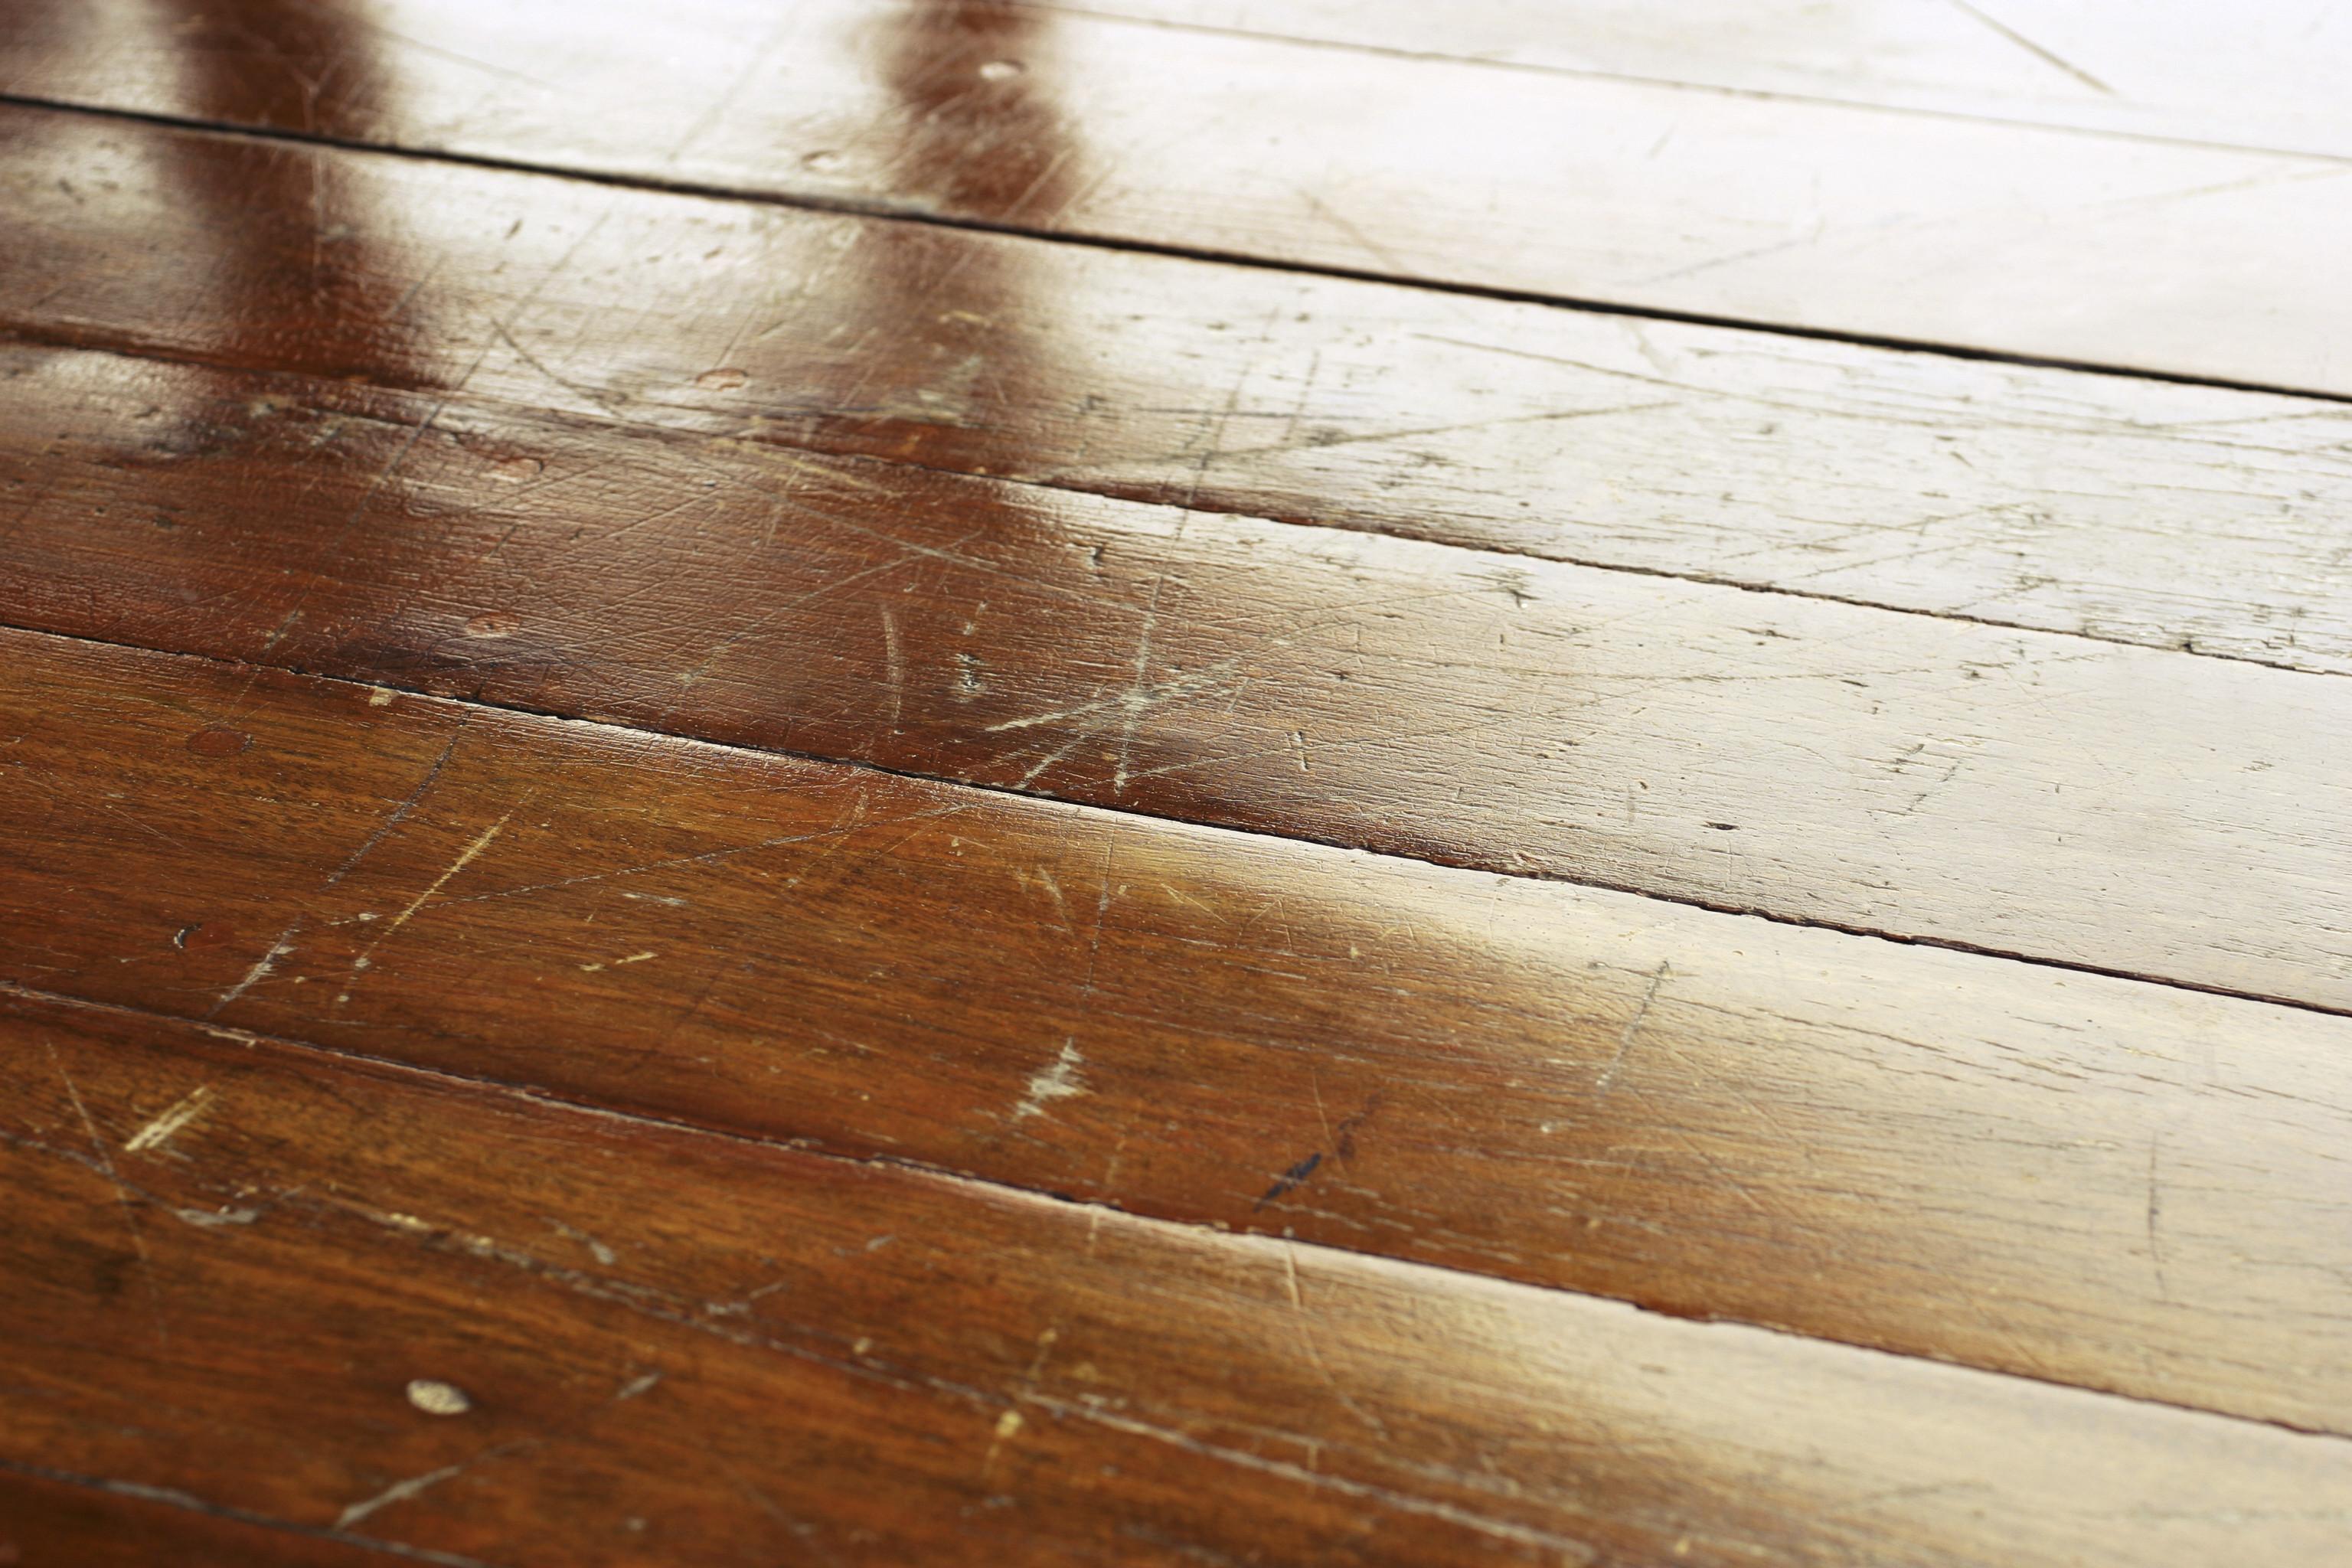 squeaky hardwood floor repair kit of how to remove nail polish from hardwood floors hardwood floor intended for how to remove nail polish from hardwood floors hardwood floor cleaning how to mop hardwood floors